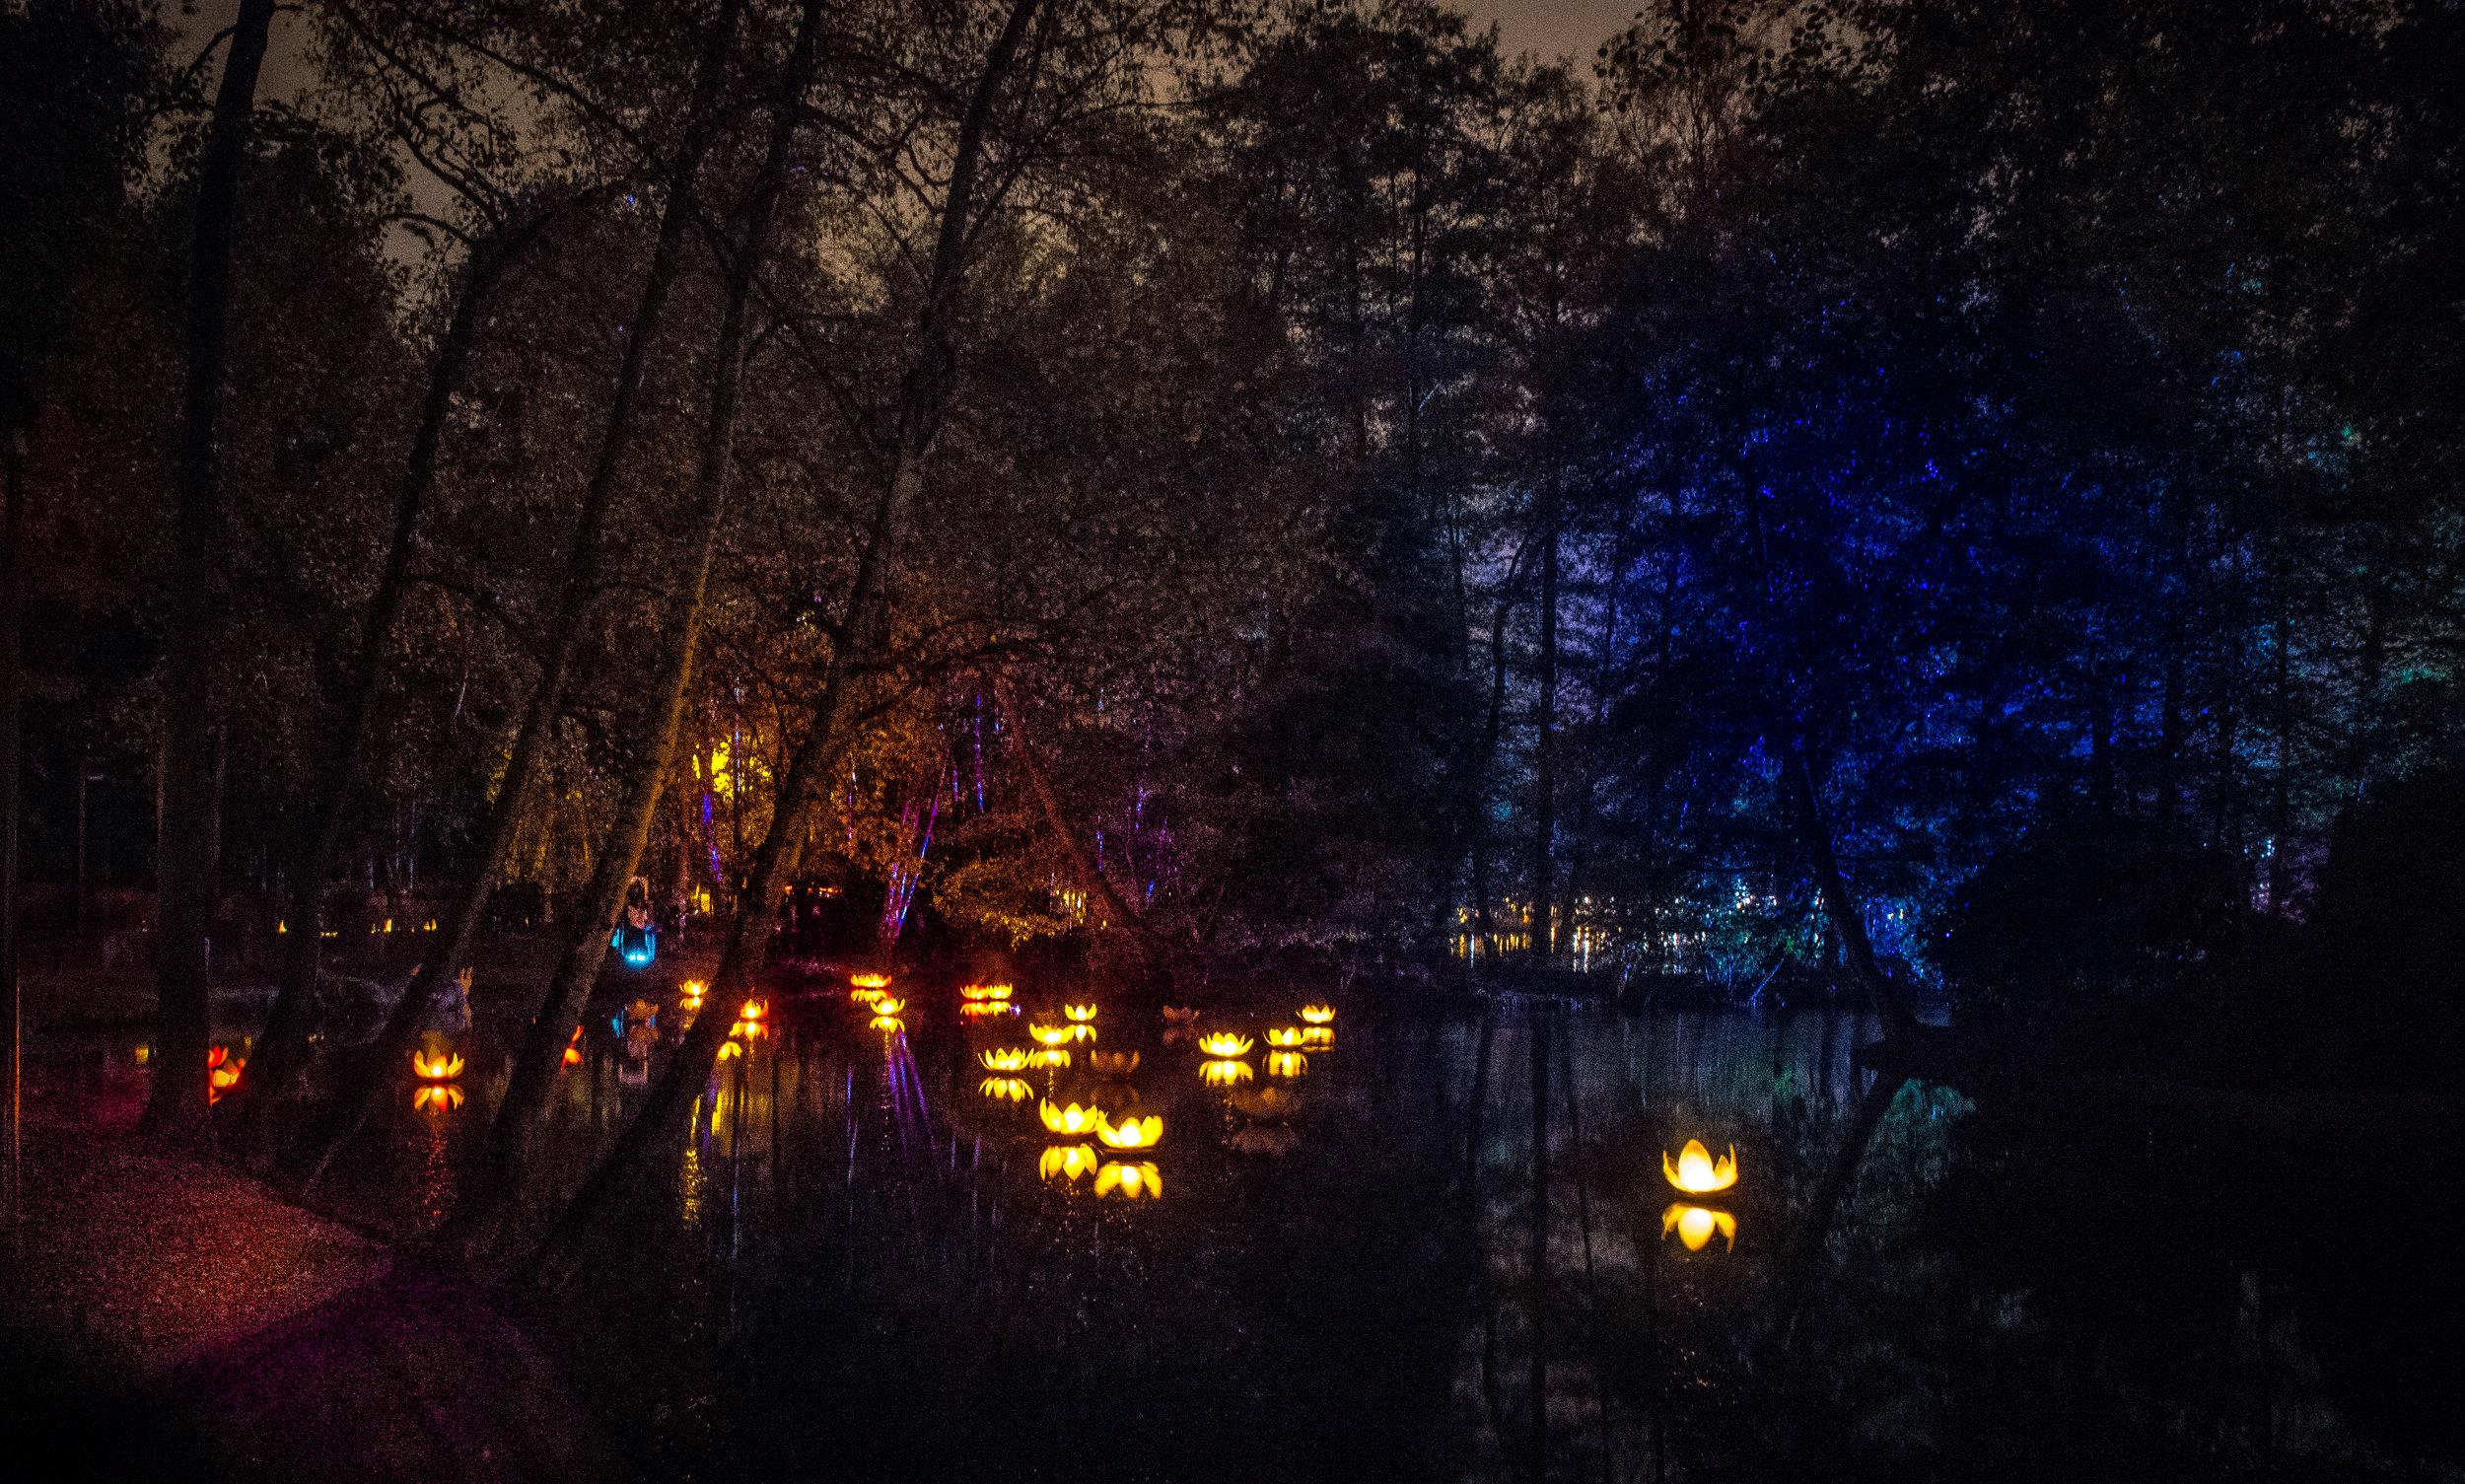 viewfinder-licht-fotograferen-nacht-avond-vurige-vijvers-4